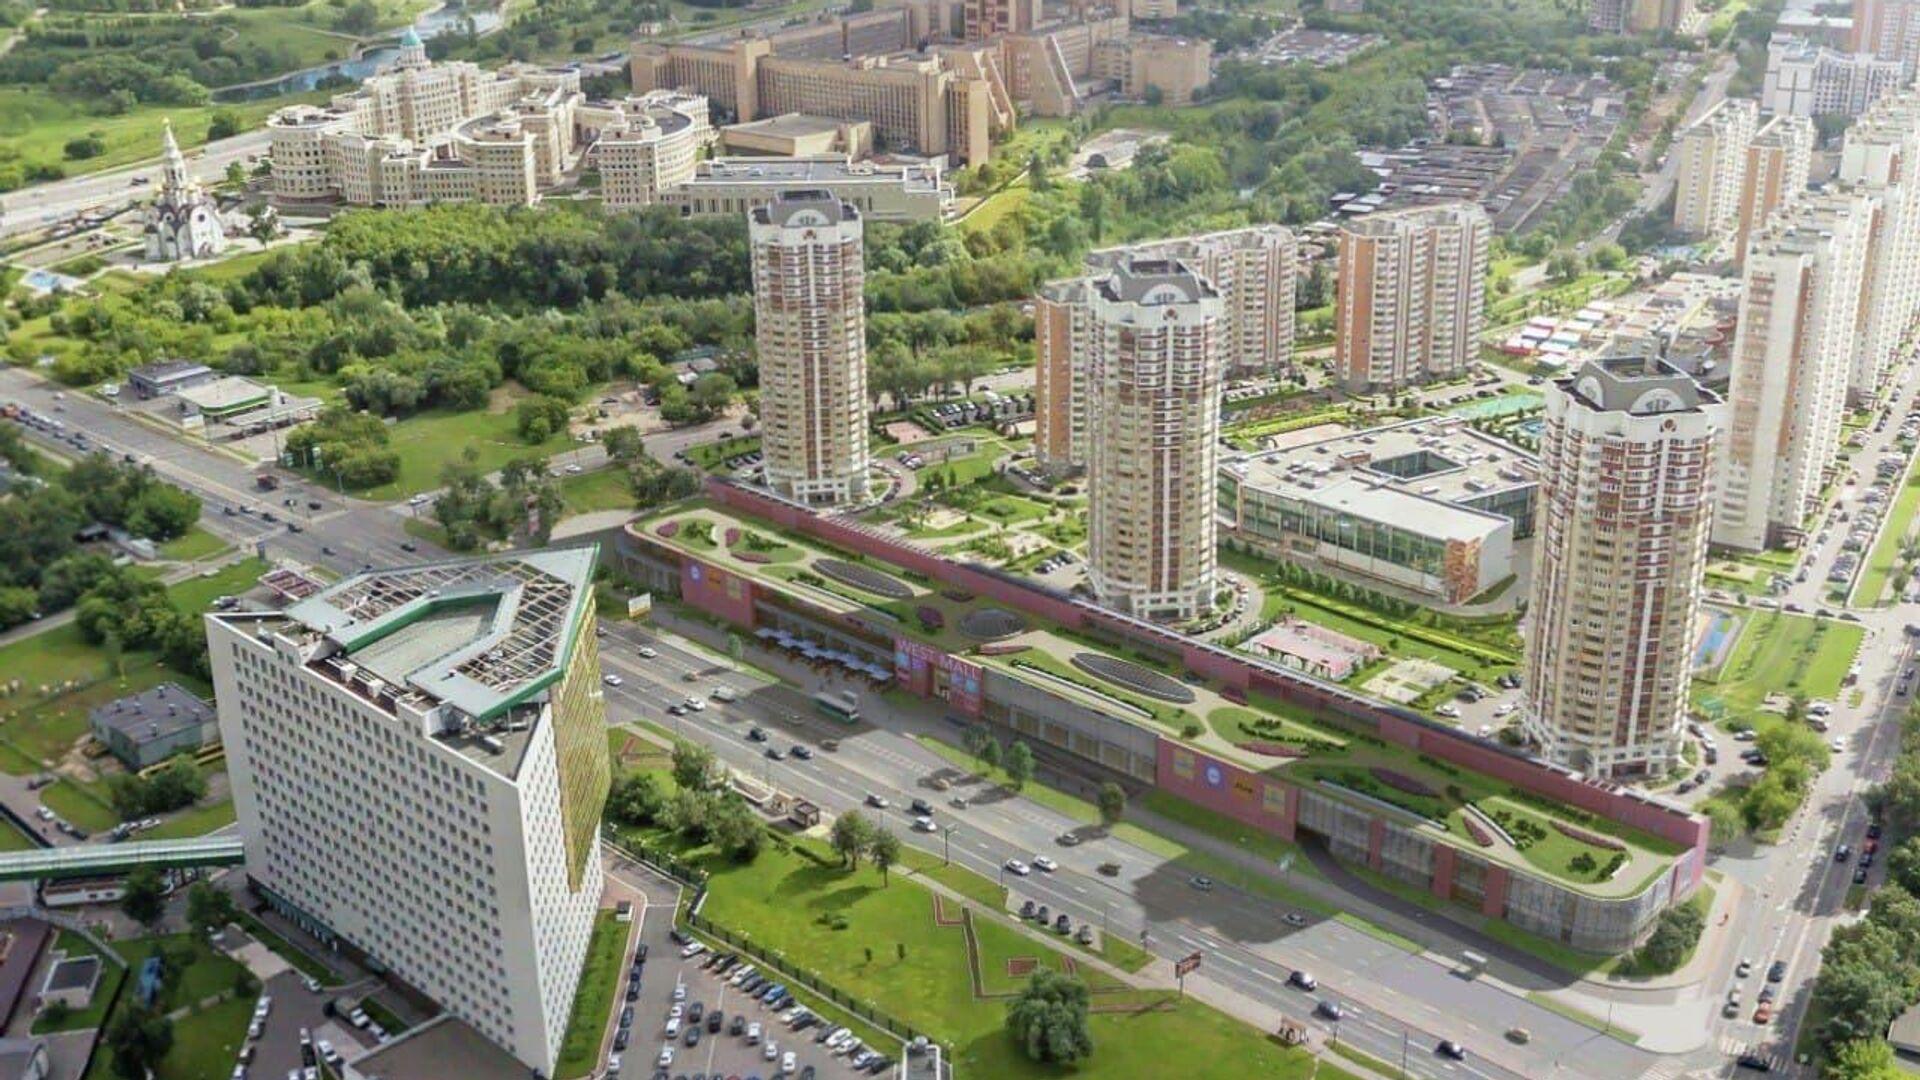 Проект торгового центра на западе Москвы  - РИА Новости, 1920, 27.09.2021